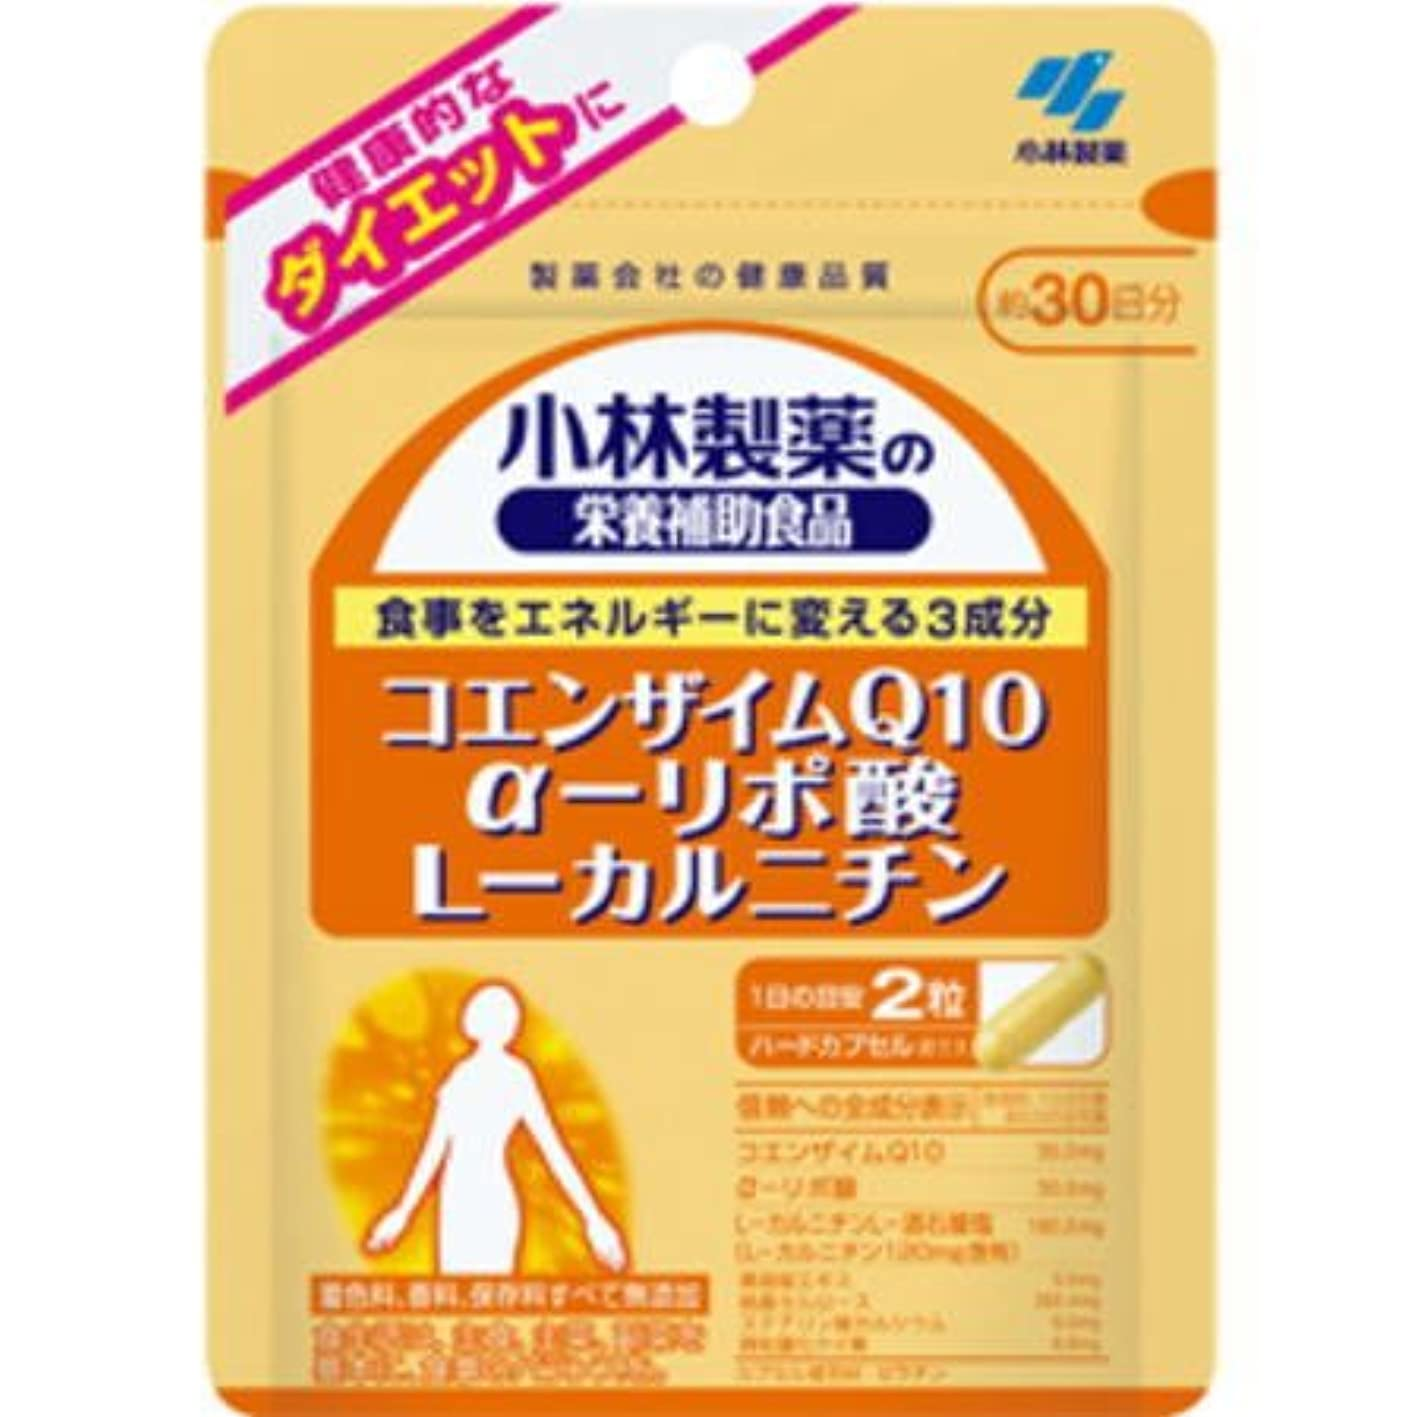 のスコアコークスバトル小林製薬 コエンザイムQ10 α-リポ酸 L-カルニチン(60粒×3個セット)【ネコポス発送】